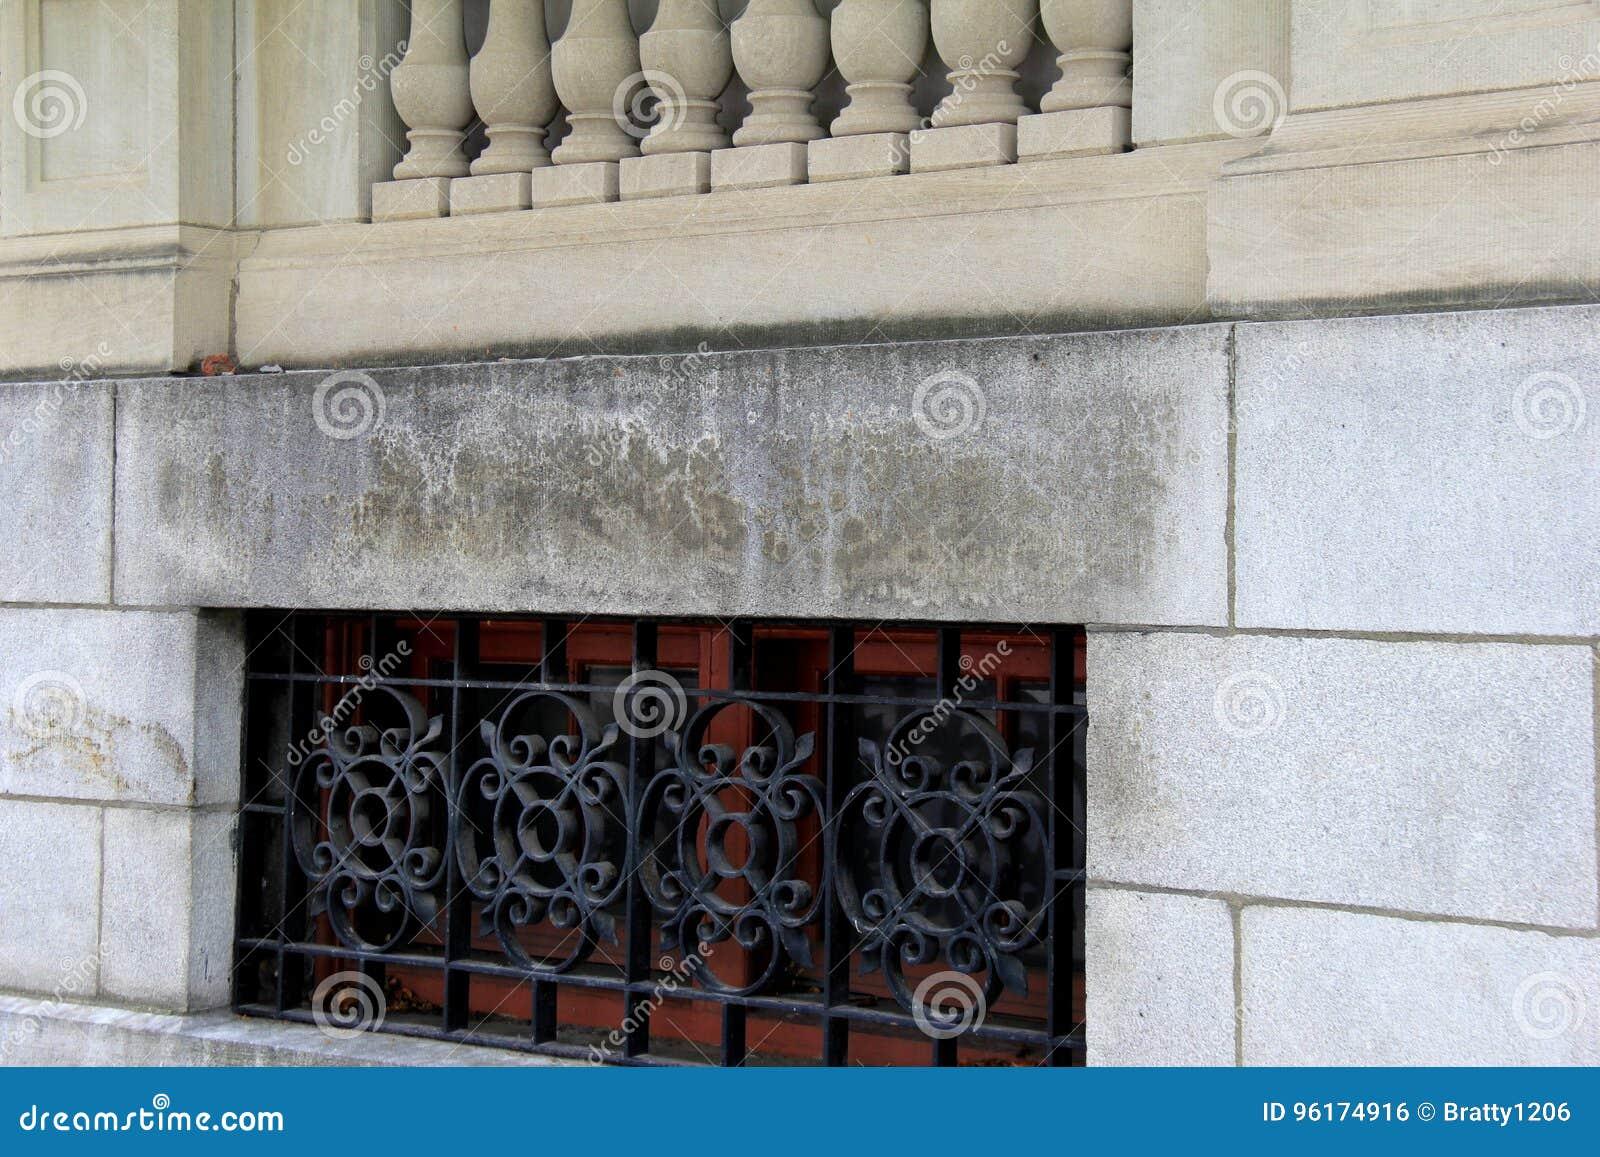 Οριζόντια εικόνα του κτηρίου πετρών με τα συνημμένα χαρασμένων κιγκλιδωμάτων και επεξεργασμένου σιδήρου